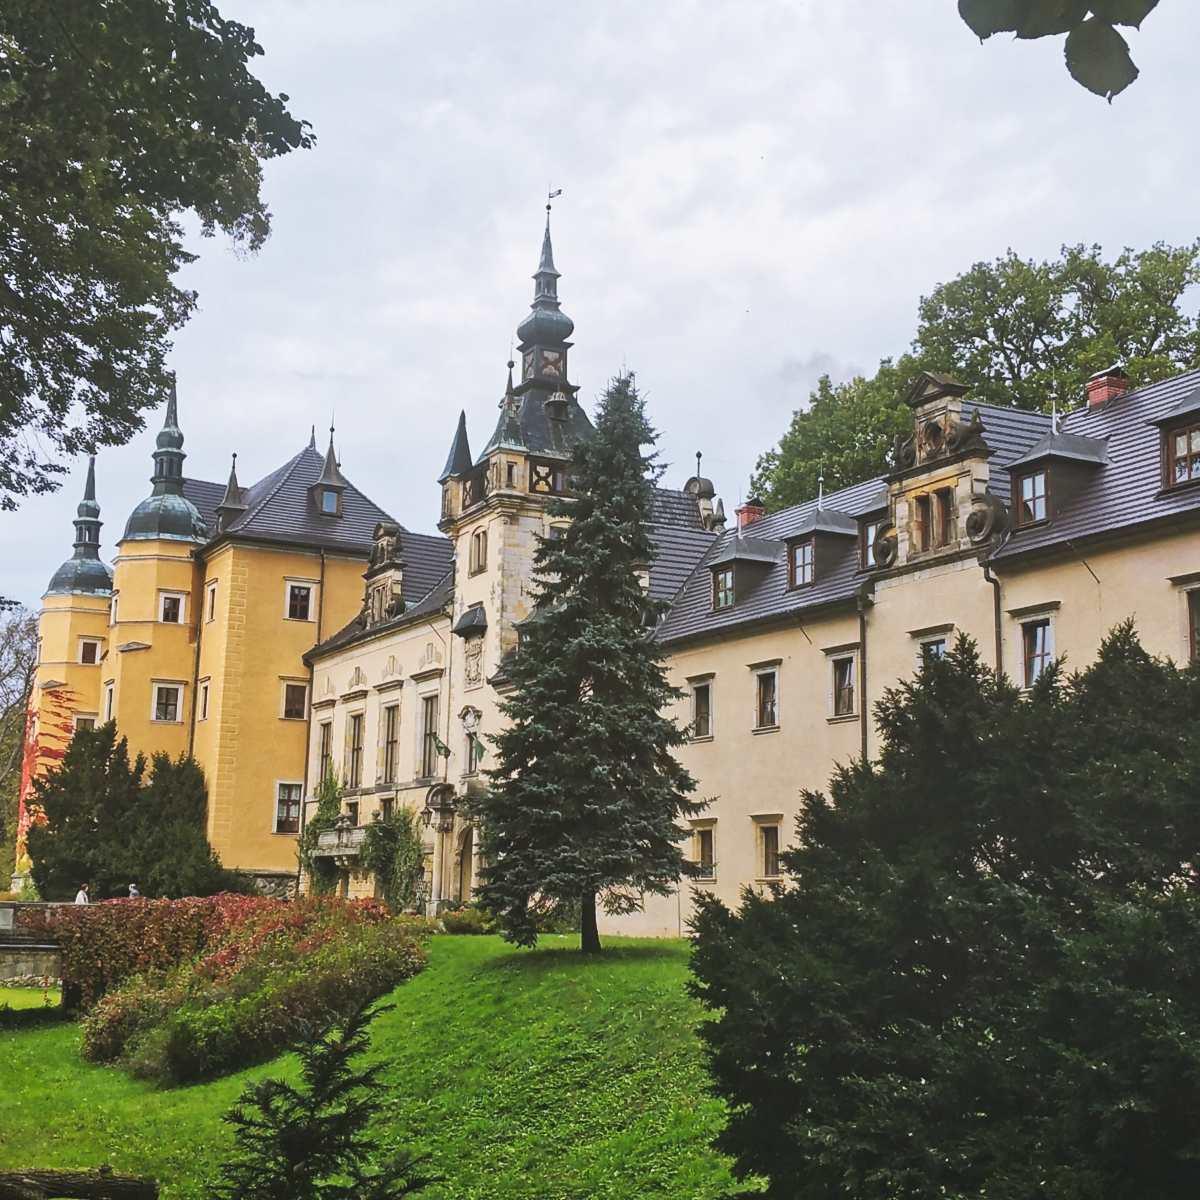 Hotel und Schloss Klitschdorf